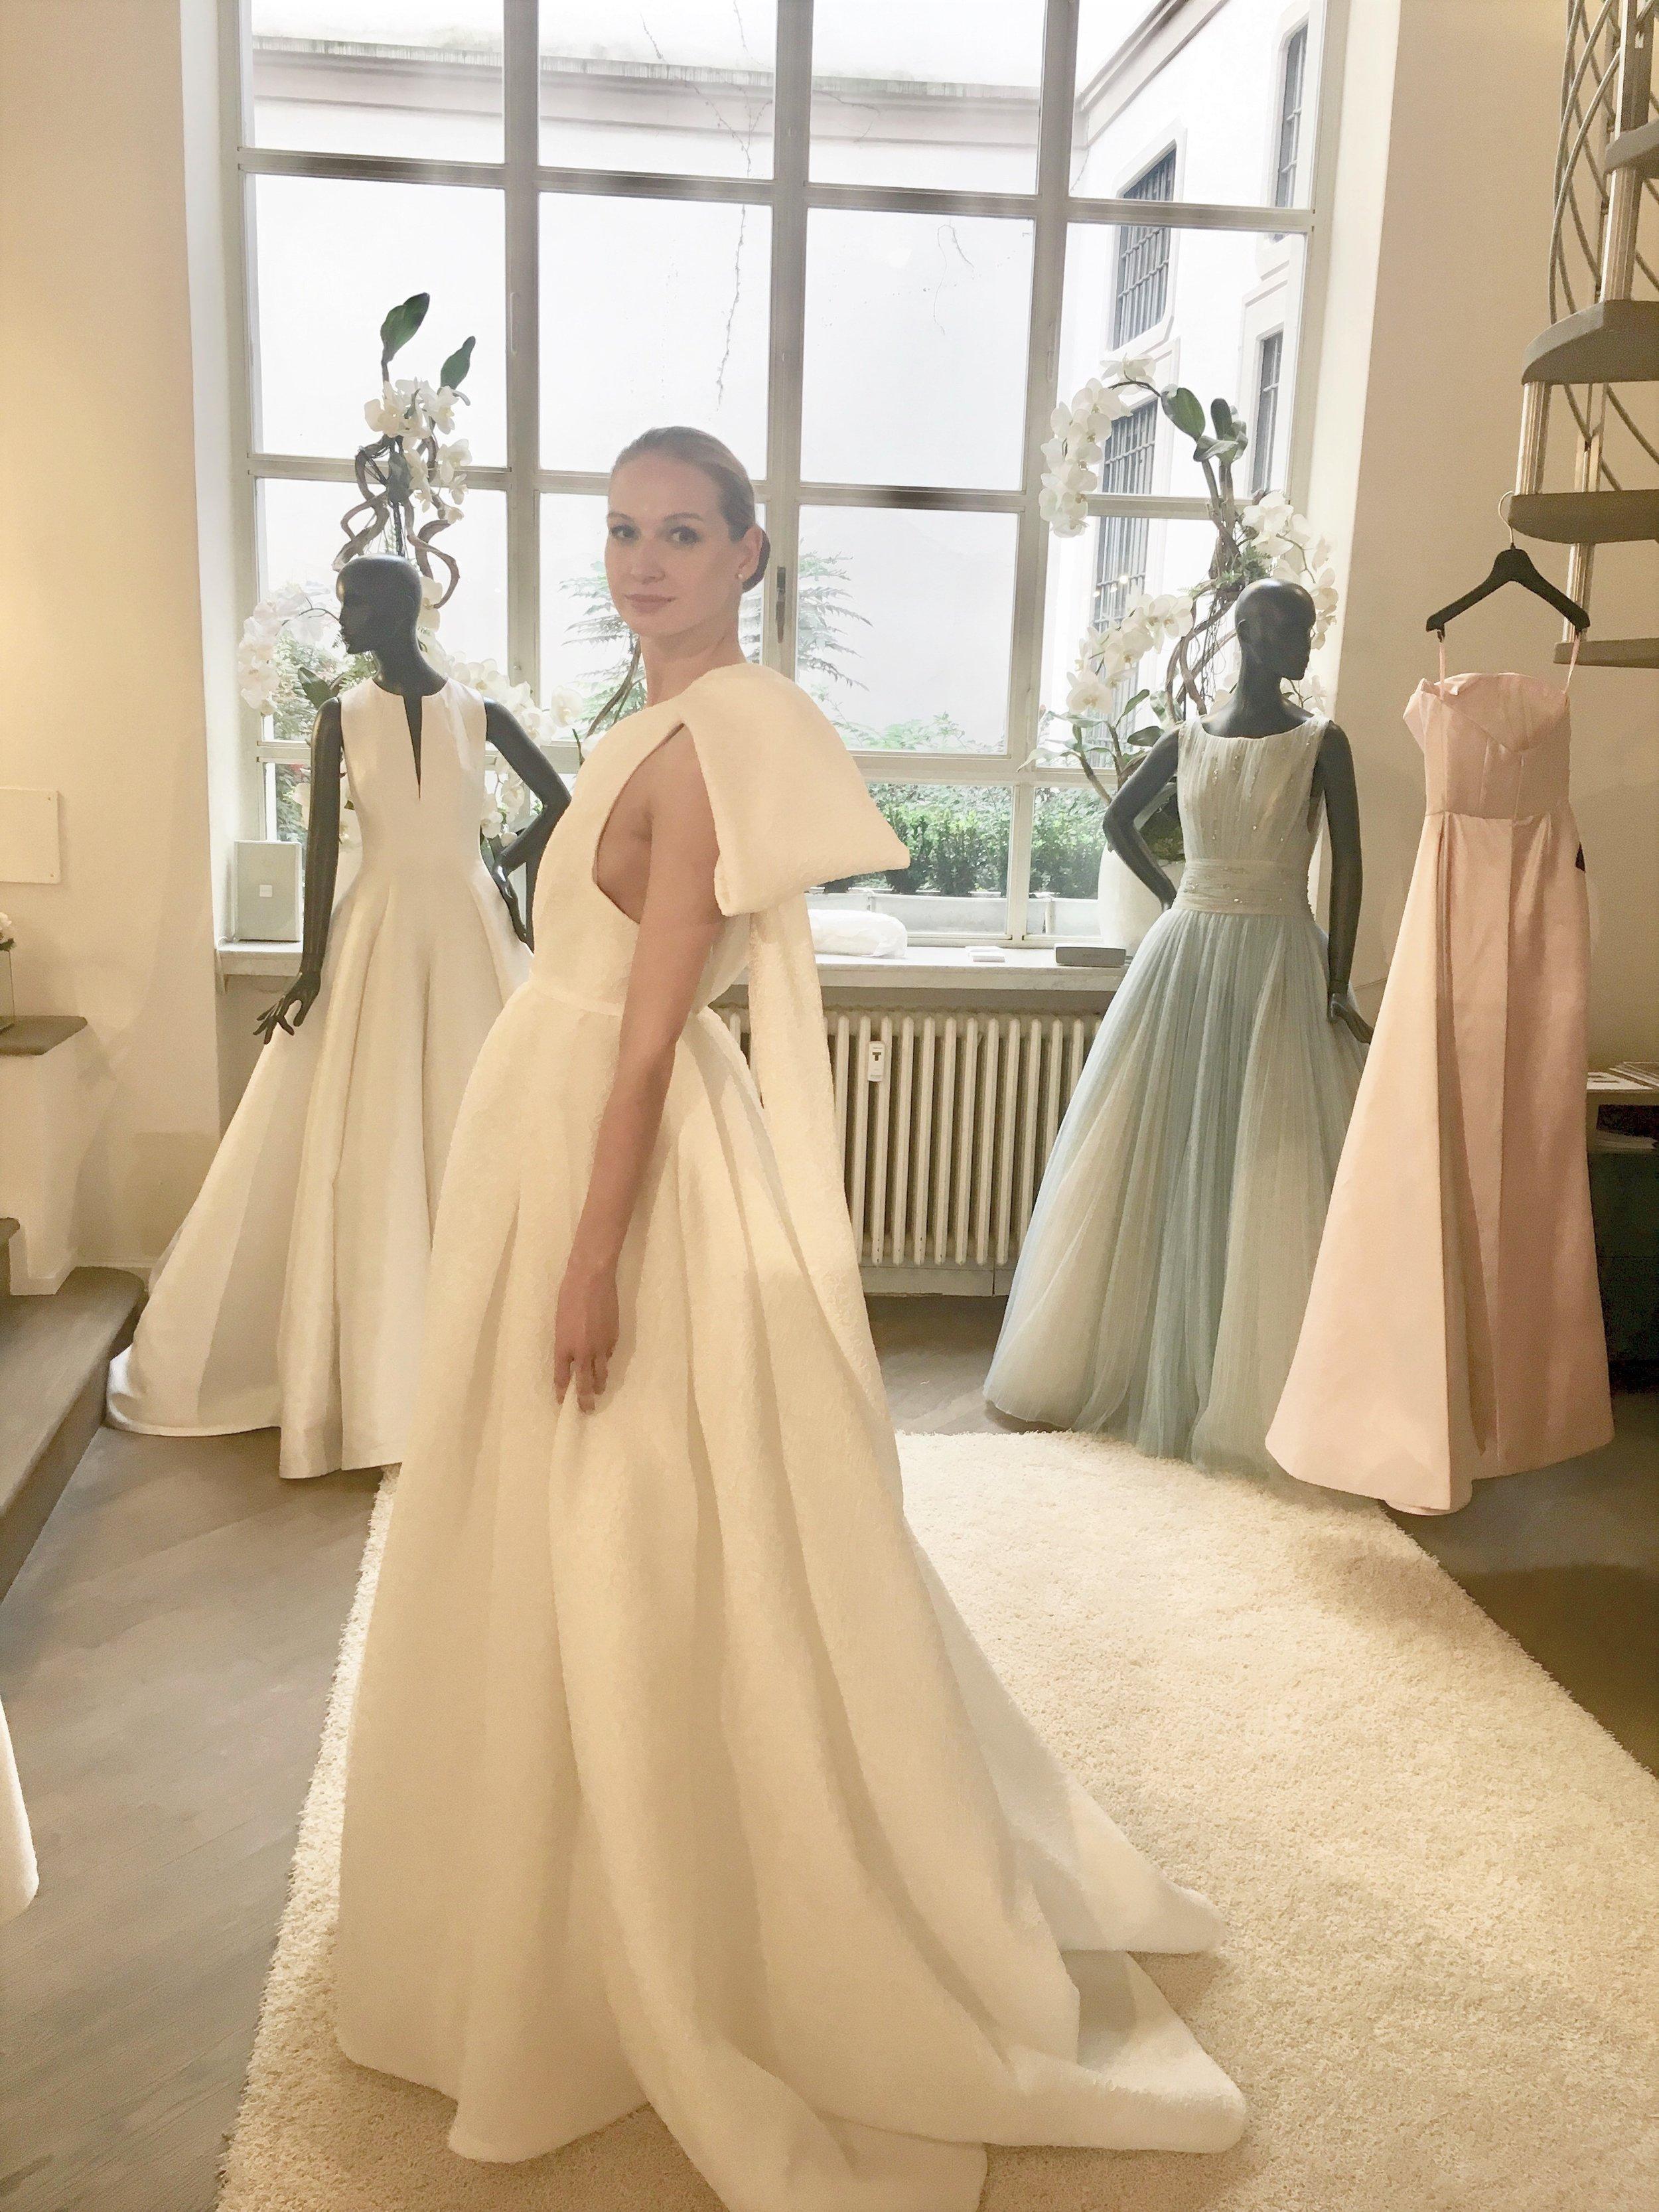 Modelo con uno de los vestidos de su colección 2020 durante nuestra visita.al atelier. Vestido en organza jacquard, un solo hombro con maxi lazo.